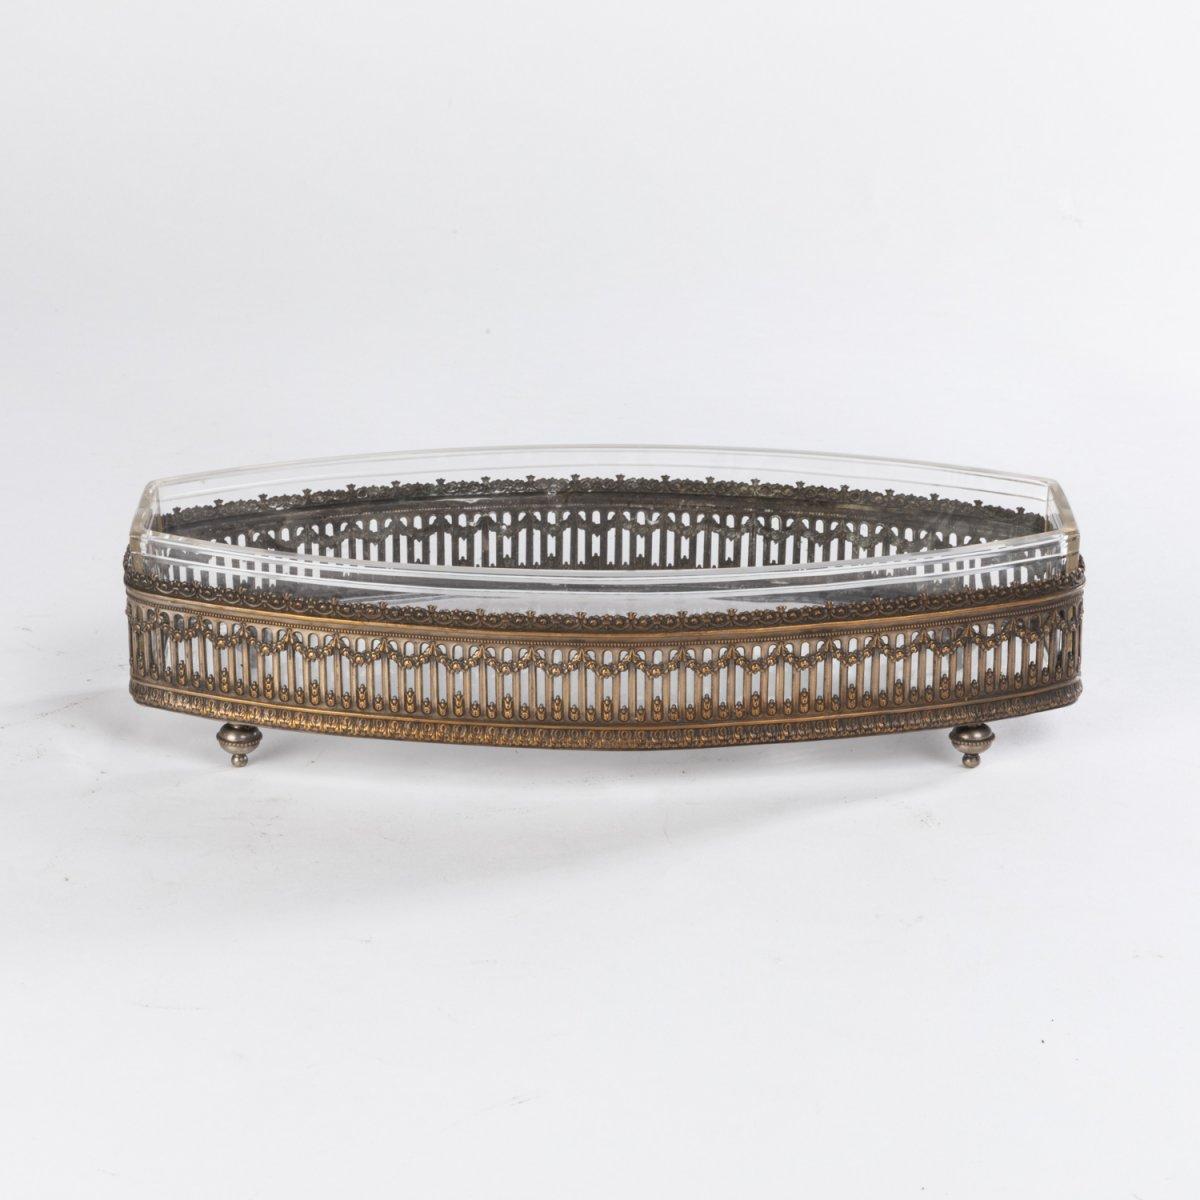 Coupe de forme allongée en argent ciselé et verre, XIXe